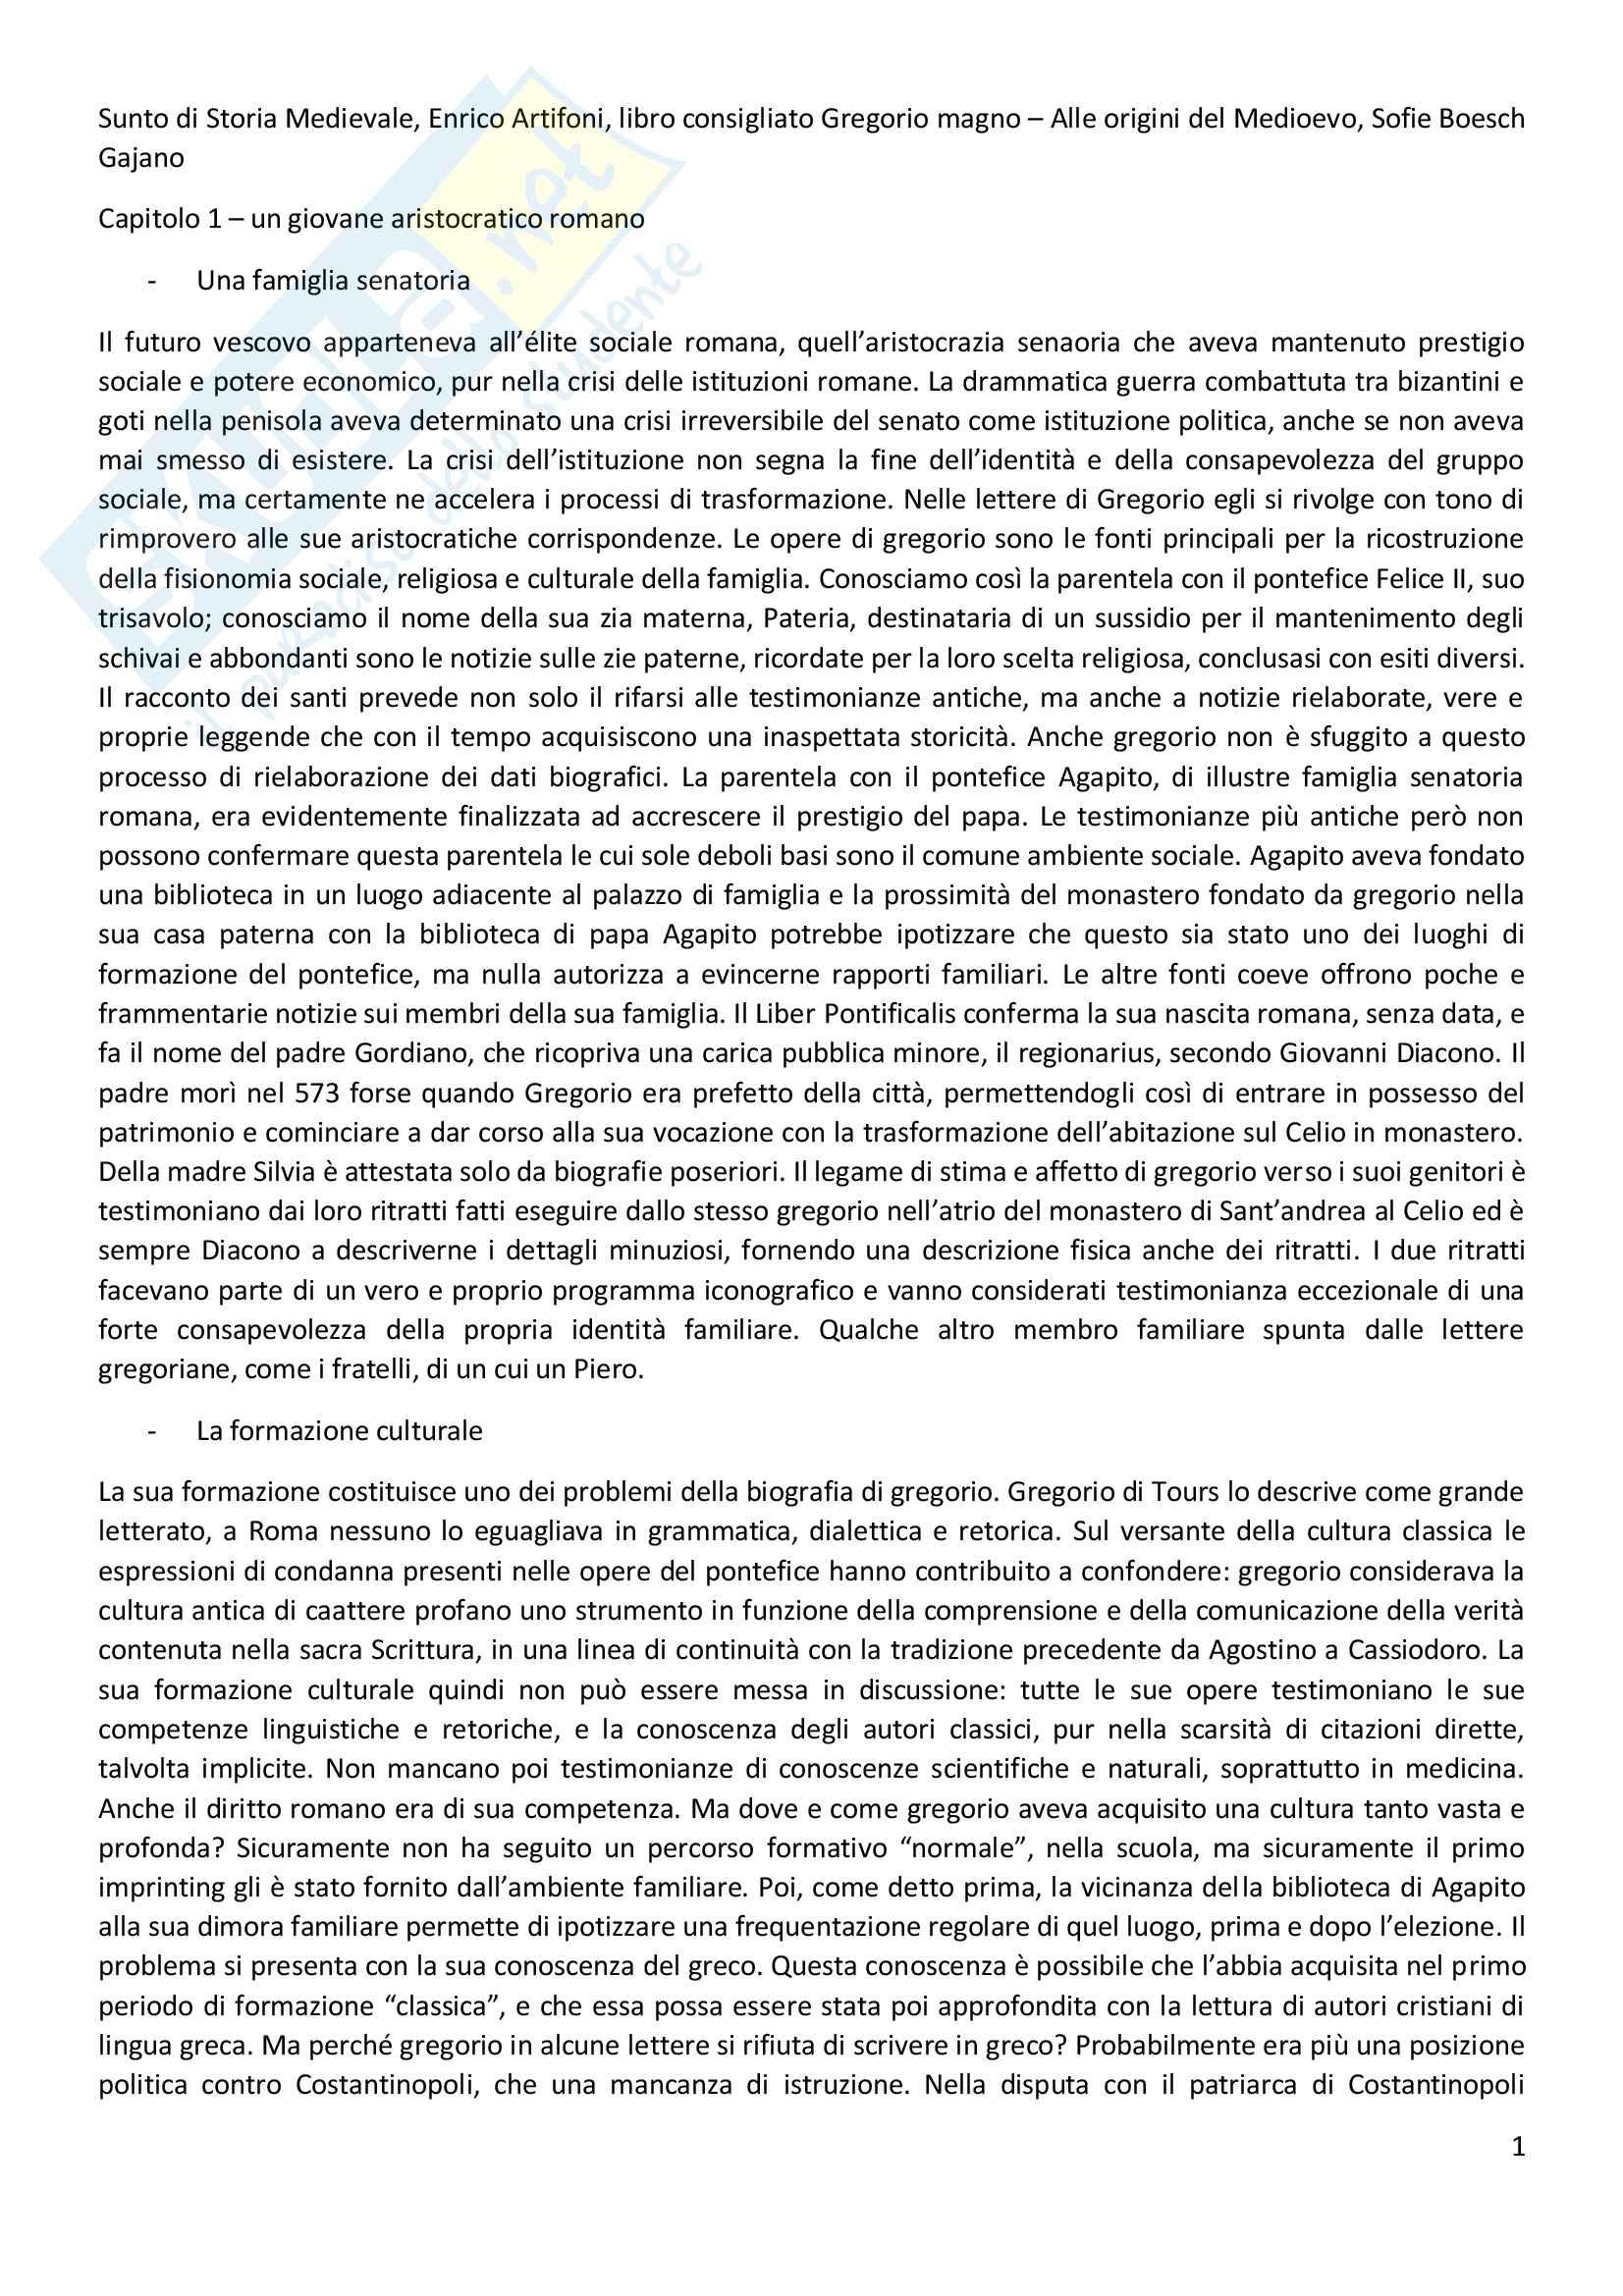 Riassunto esame Storia Medievale, prof. Enrico Artifoni, libro consigliato Gregorio Magno. Alle origini del Medioevo, Sofie Boesch Gajano